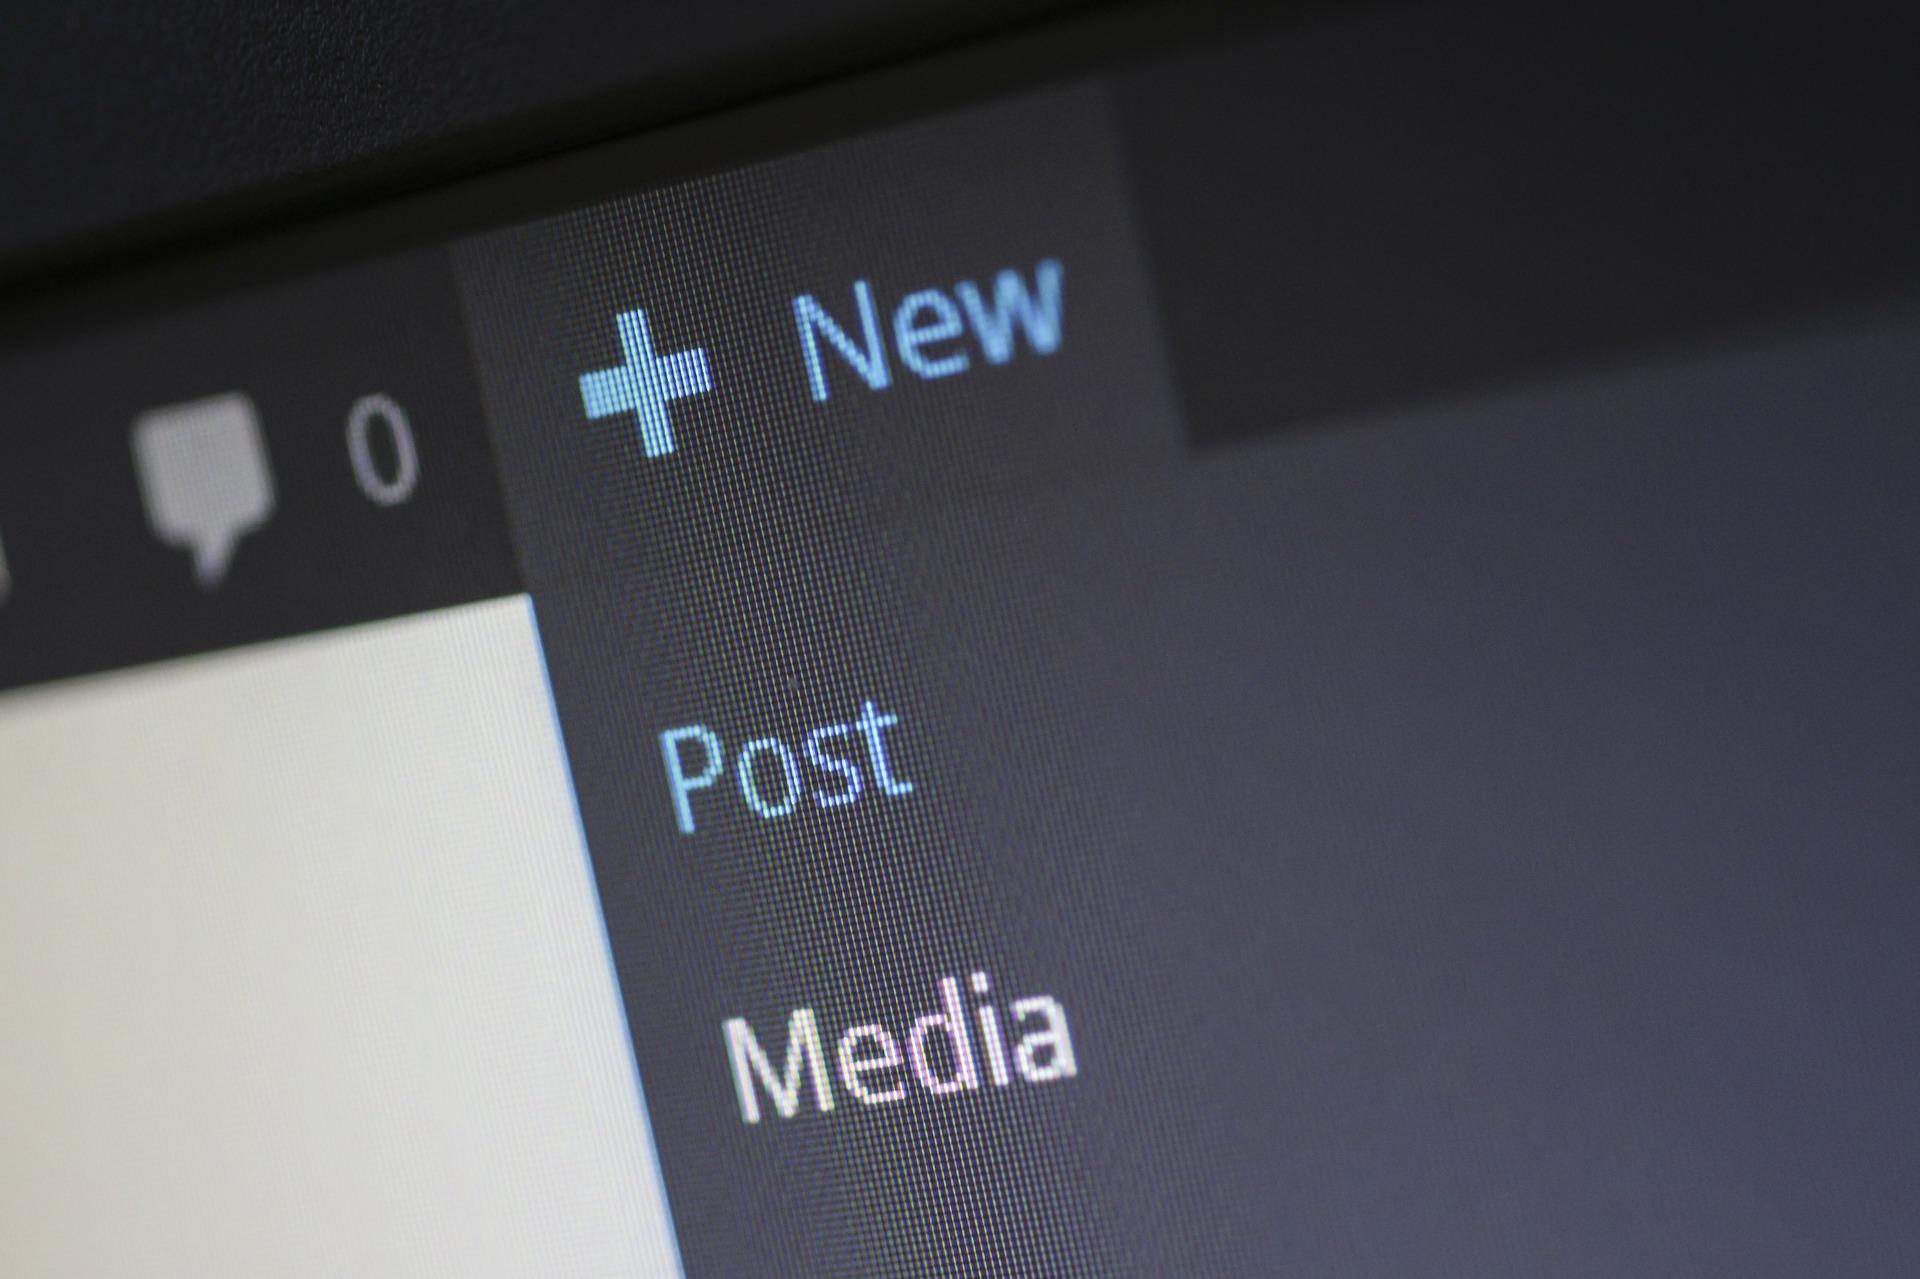 Und jetzt will ich einen WordPress-Blog!